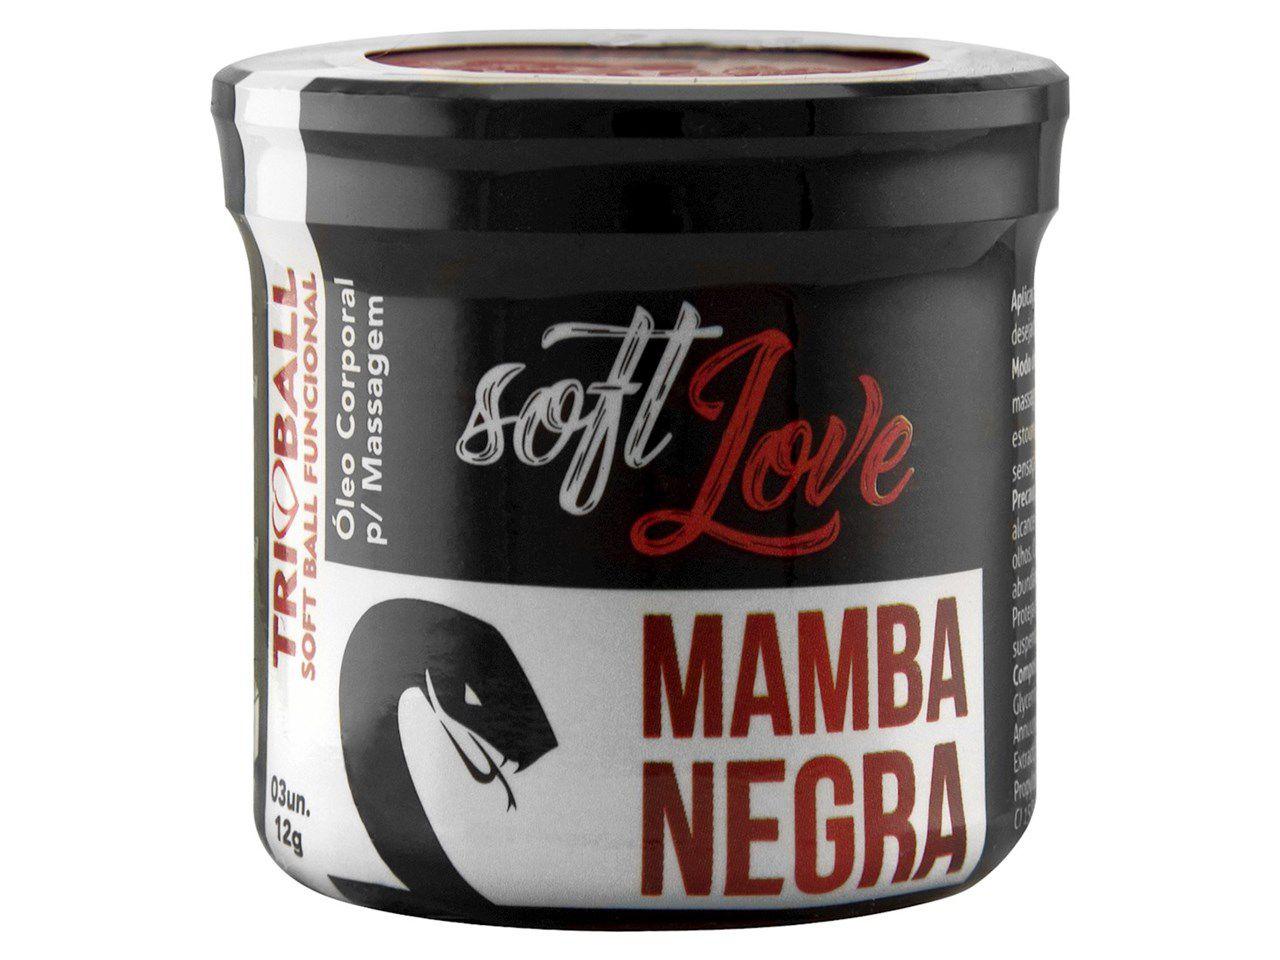 Bolinha excitante Triball Mamba Negra com 3 unidades